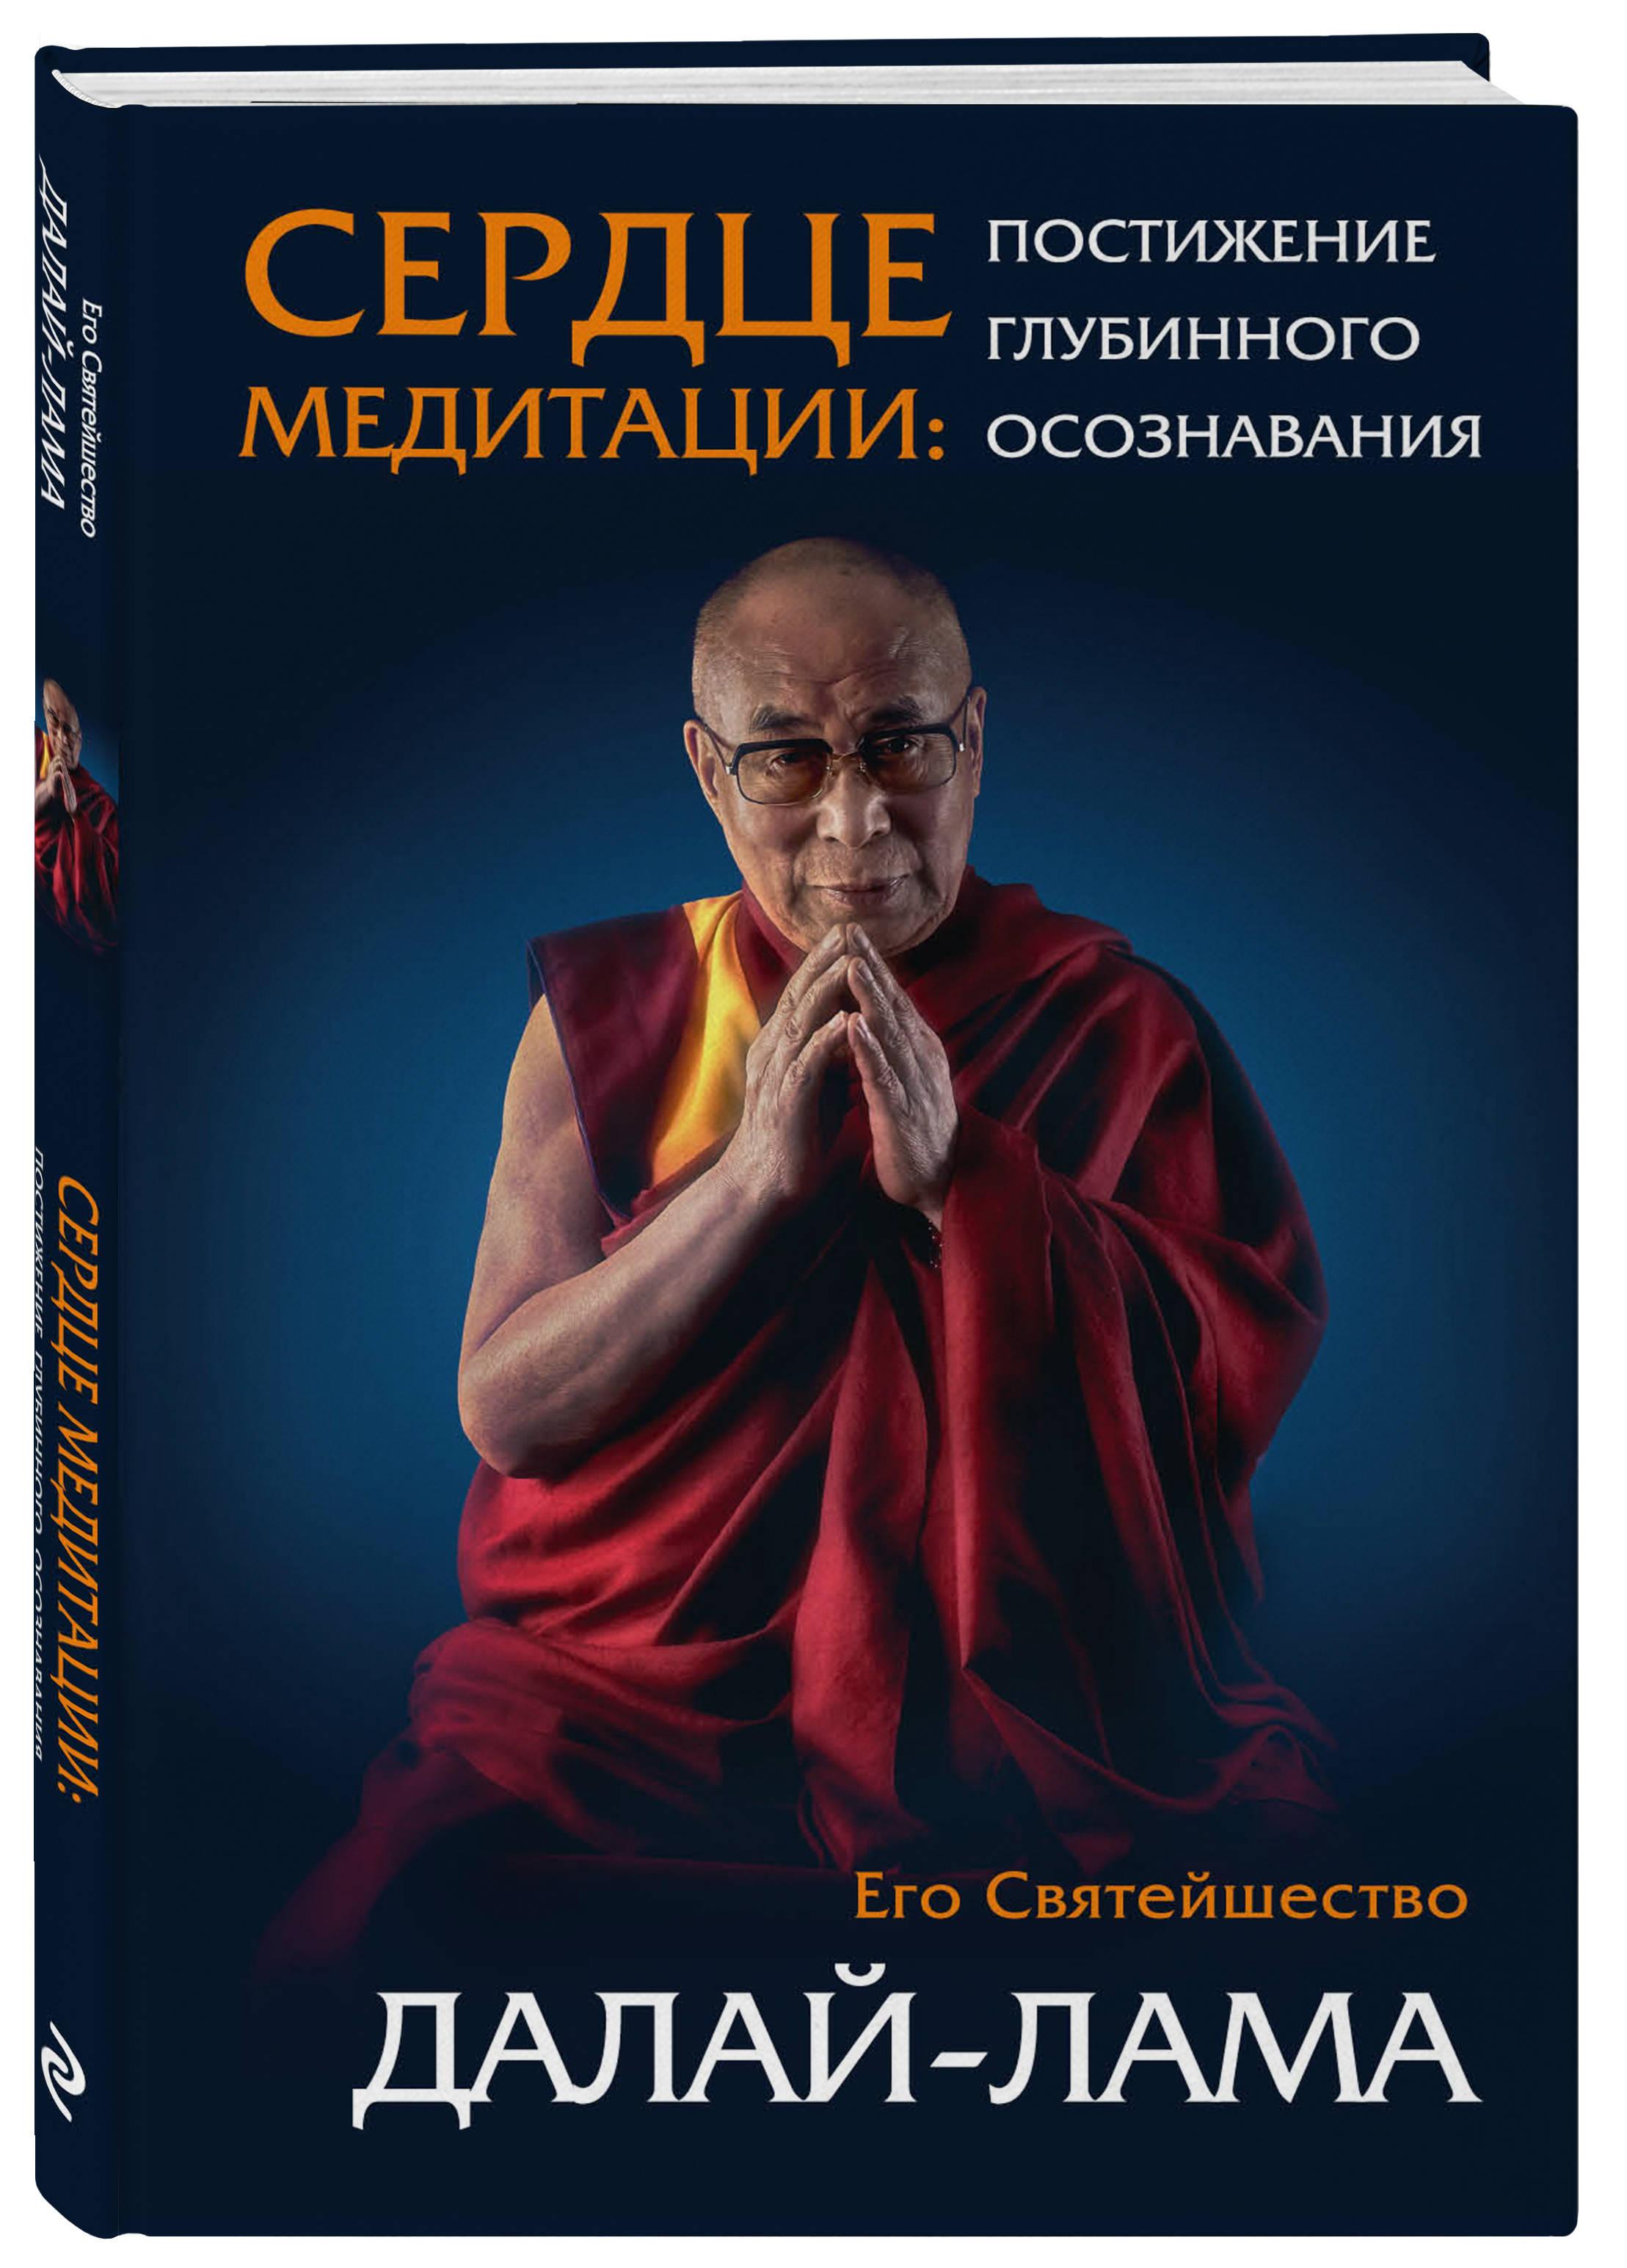 Сердце медитации (7БЦ)